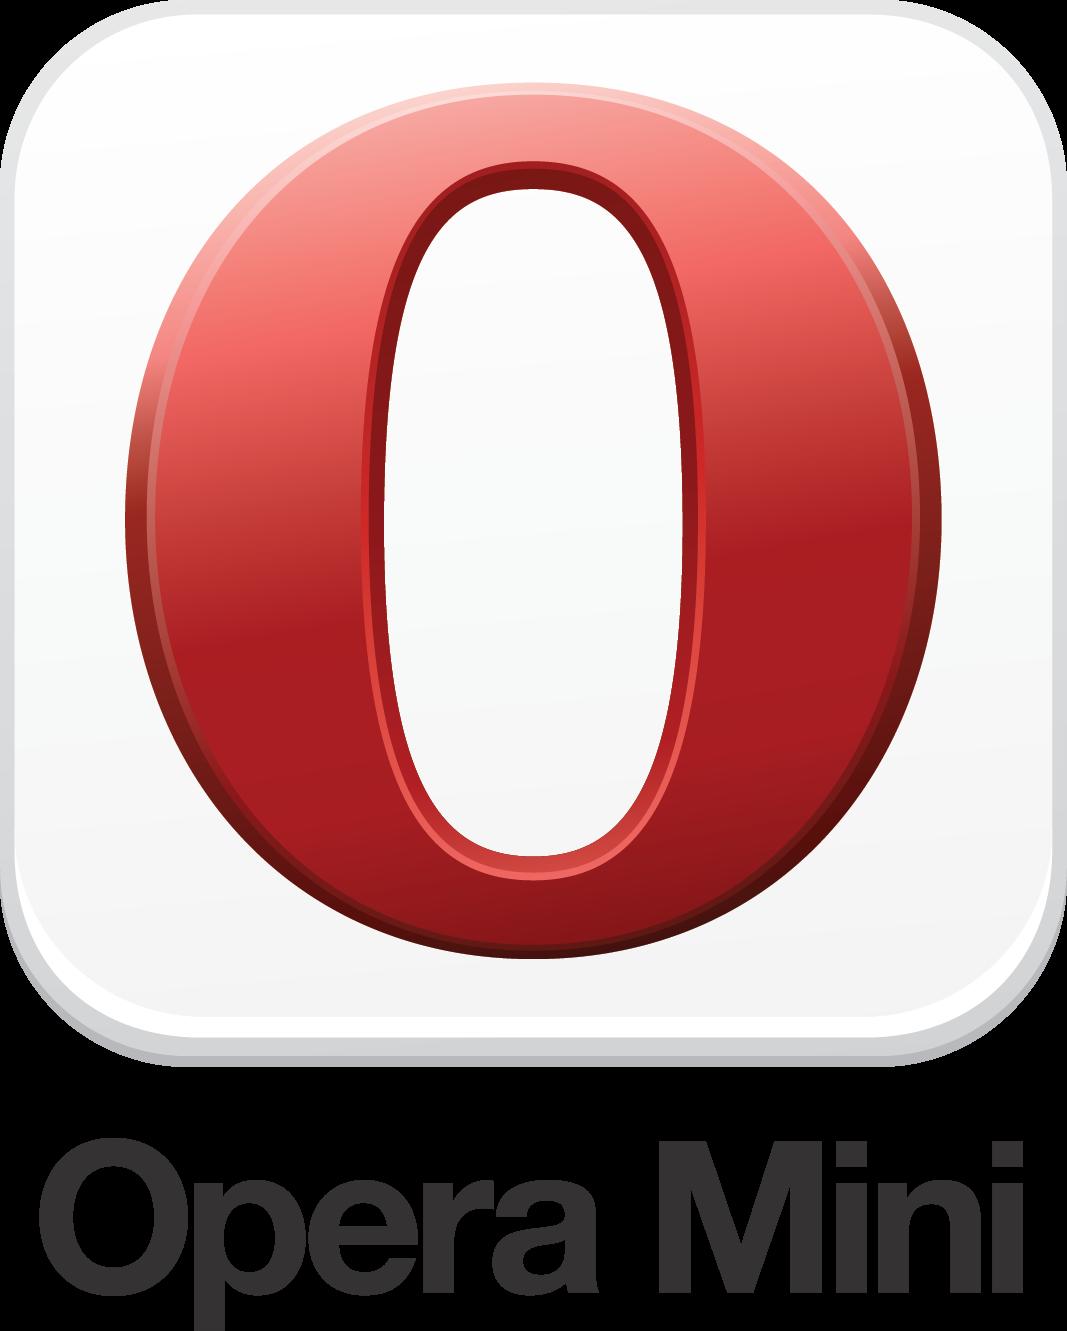 opera mini mobilezone 2013